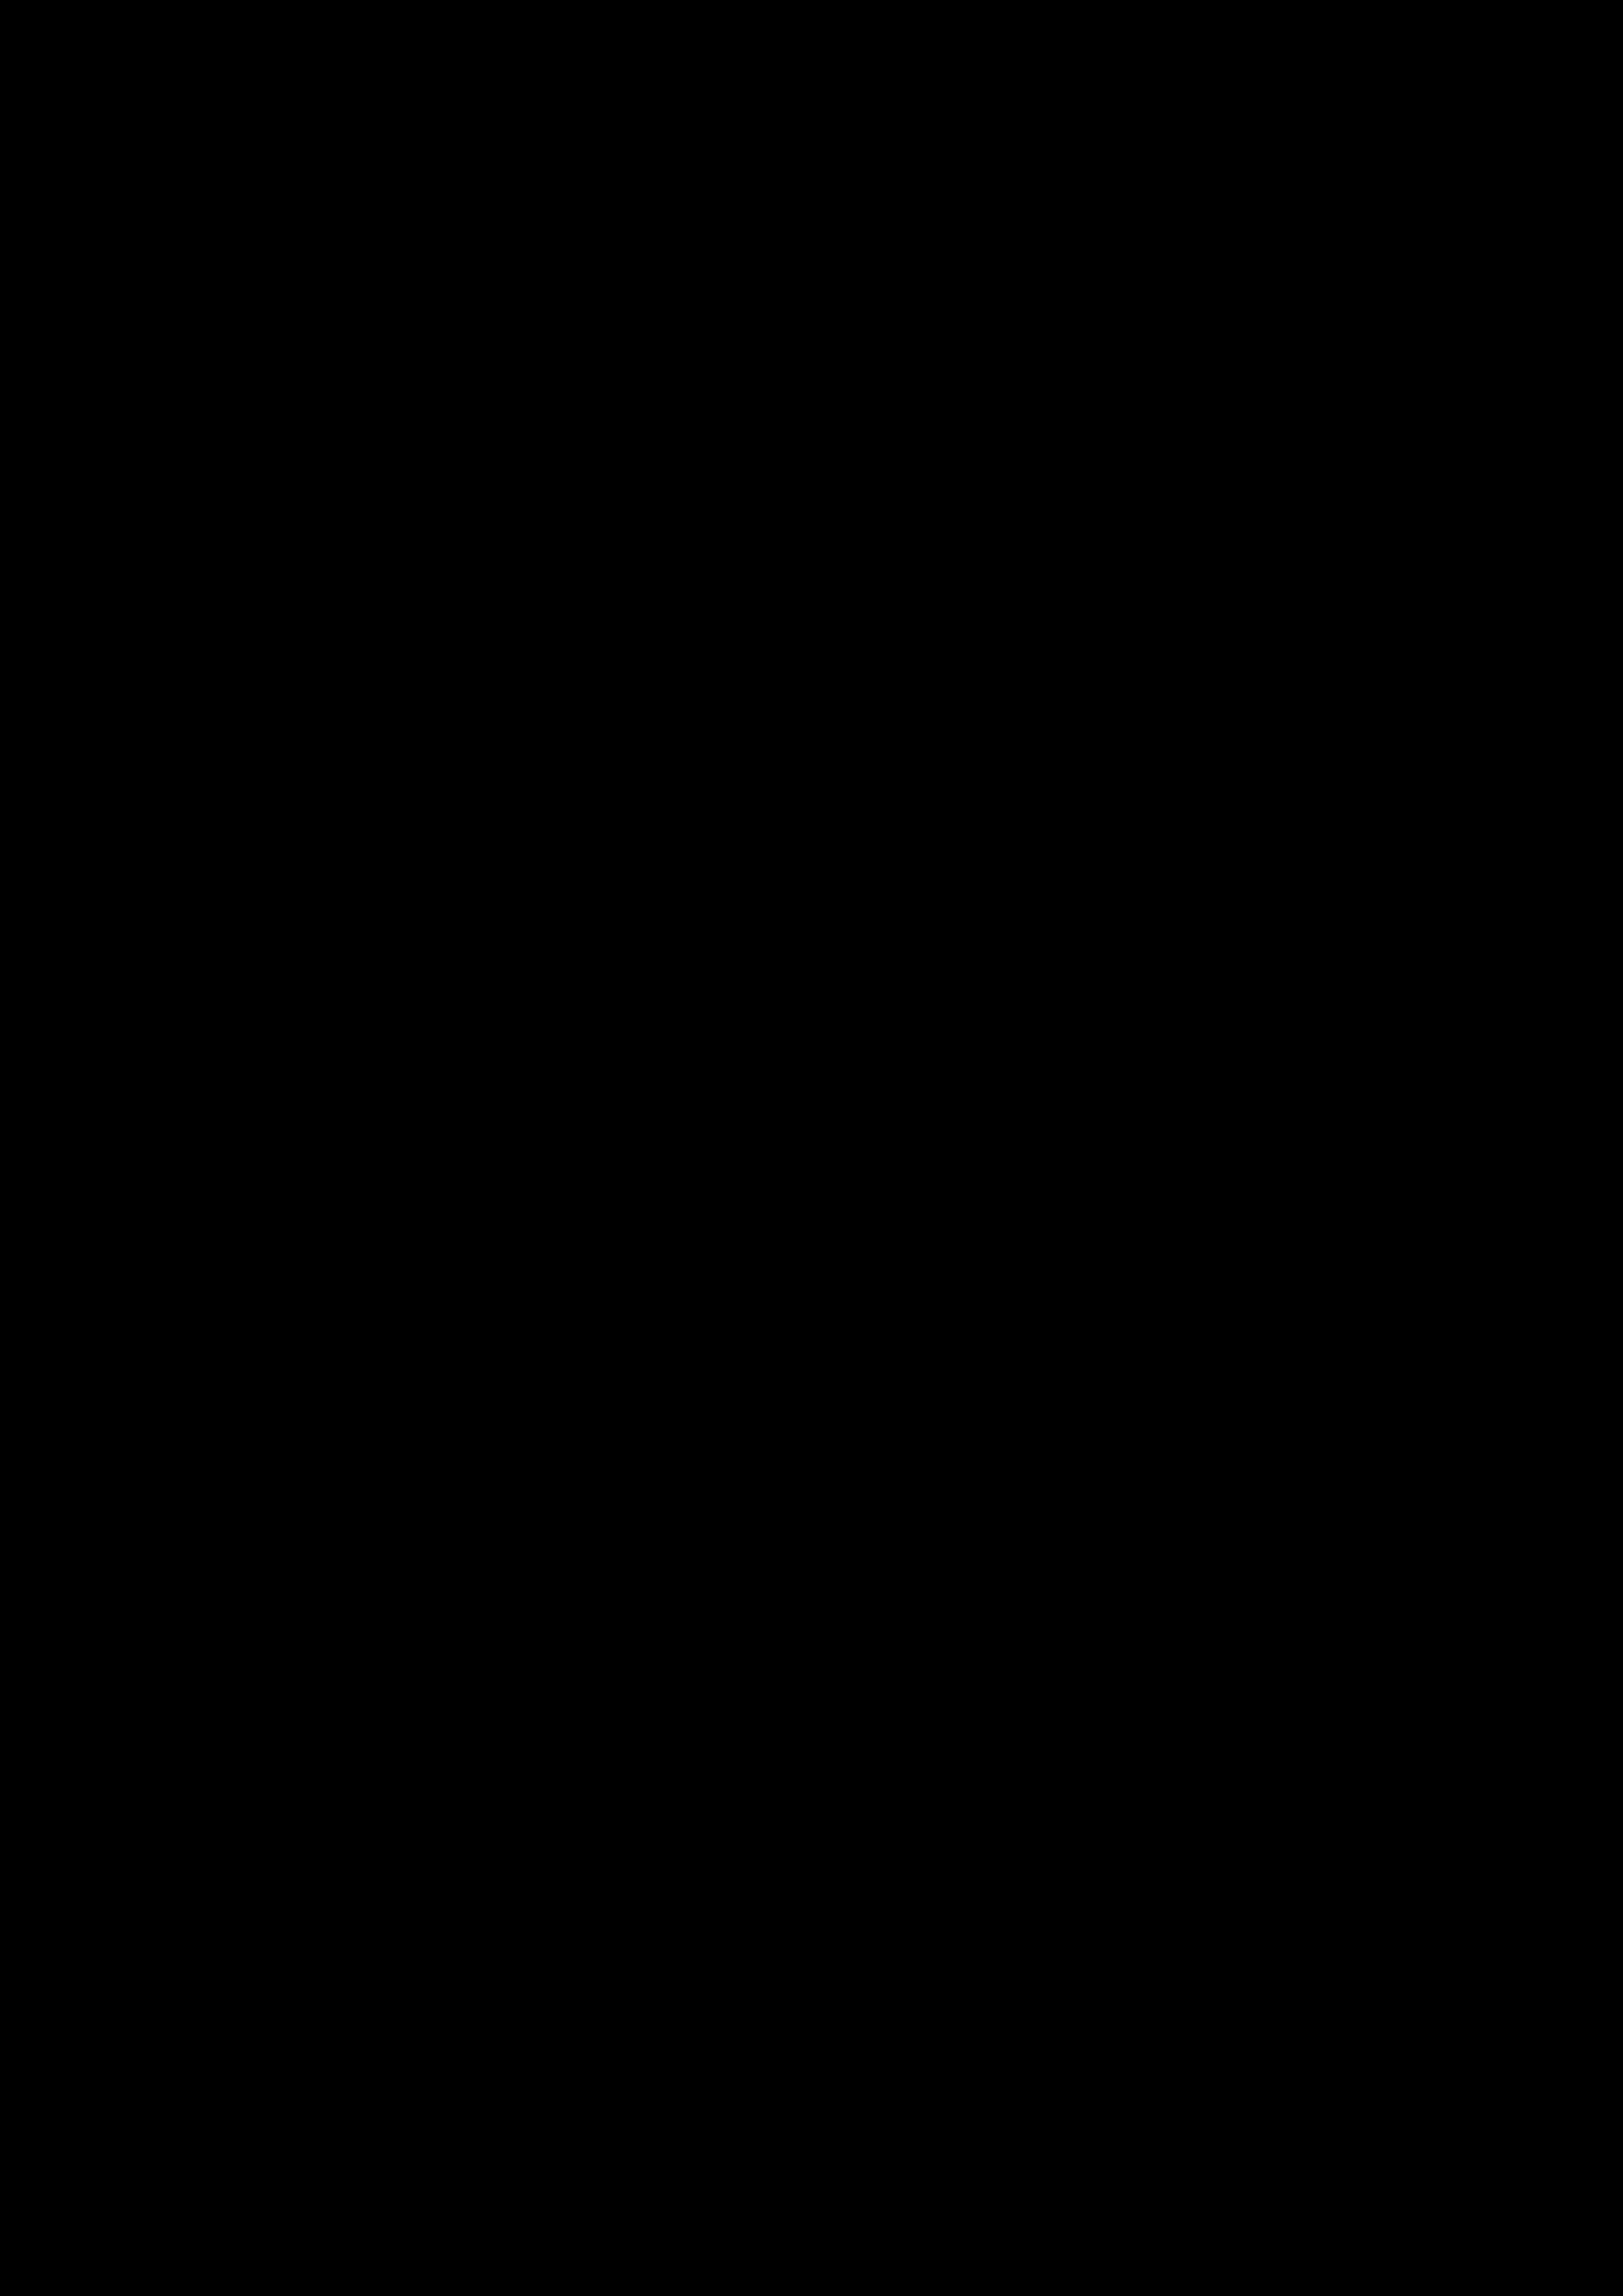 Clipart Map Cymru